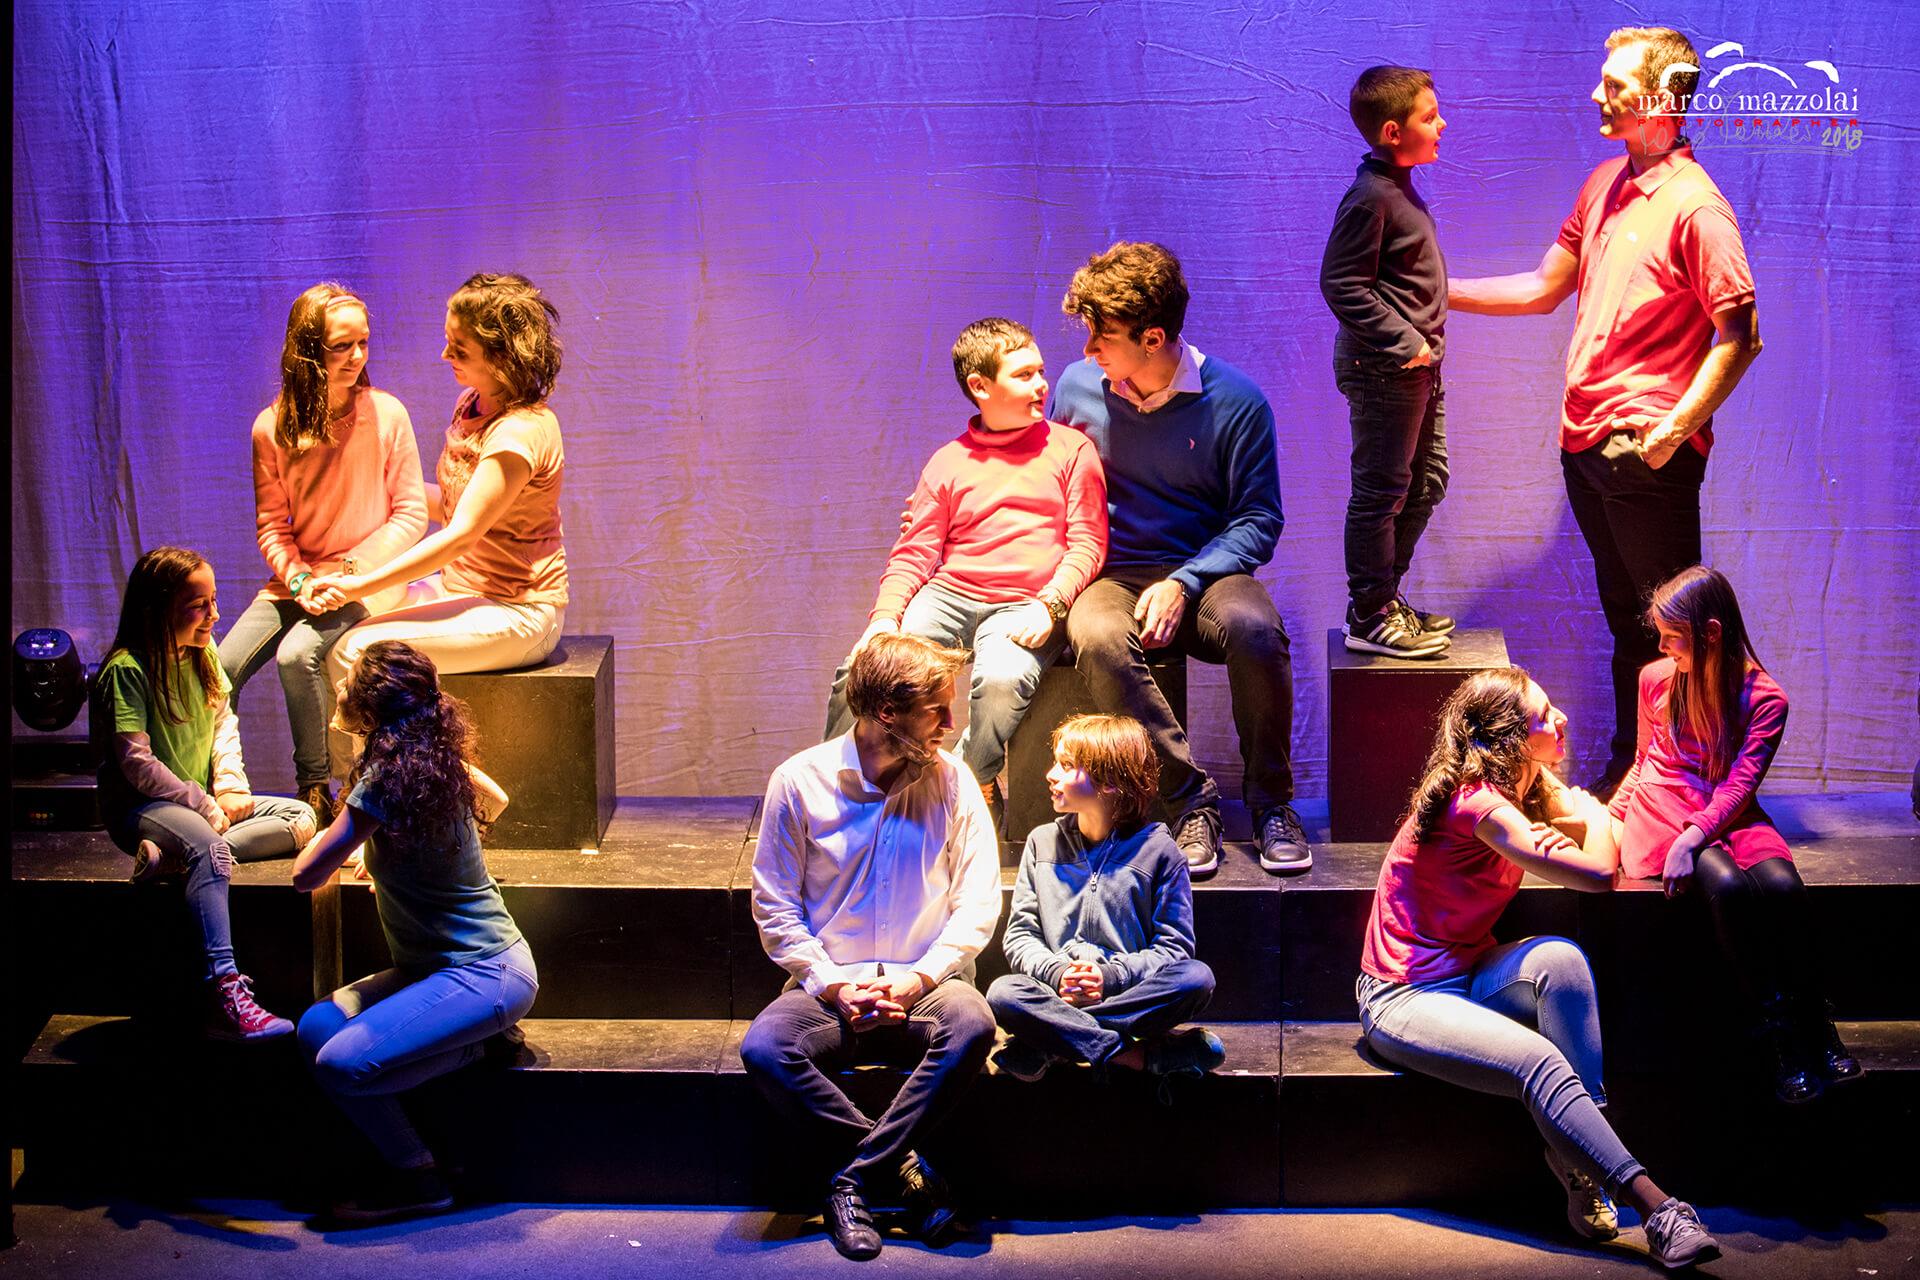 Alcuni membri giovani e giovanissimi della Compagnia si esibiscono per lo spettacolo dei 20 anni di attività